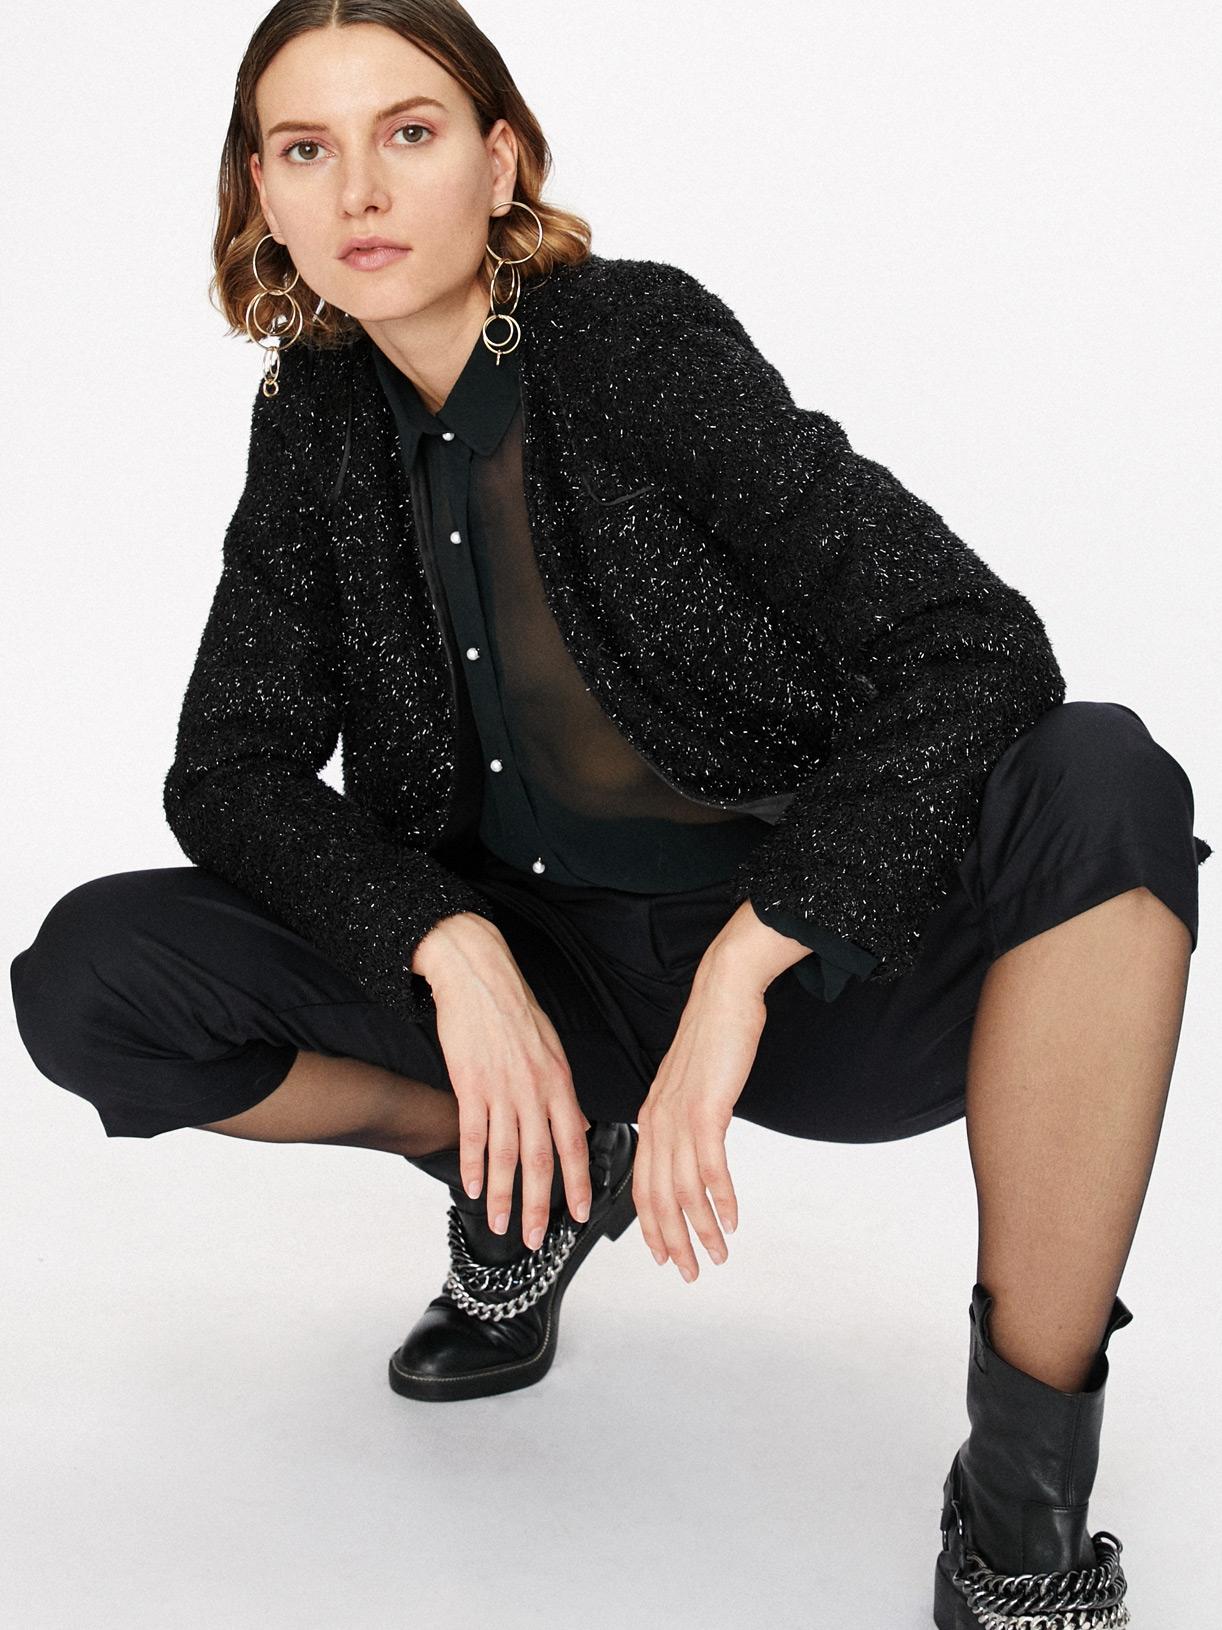 Veste en fausse fourrure écoresponsable - Creatrice de mode éthique et bio a Paris - Myphilosophy